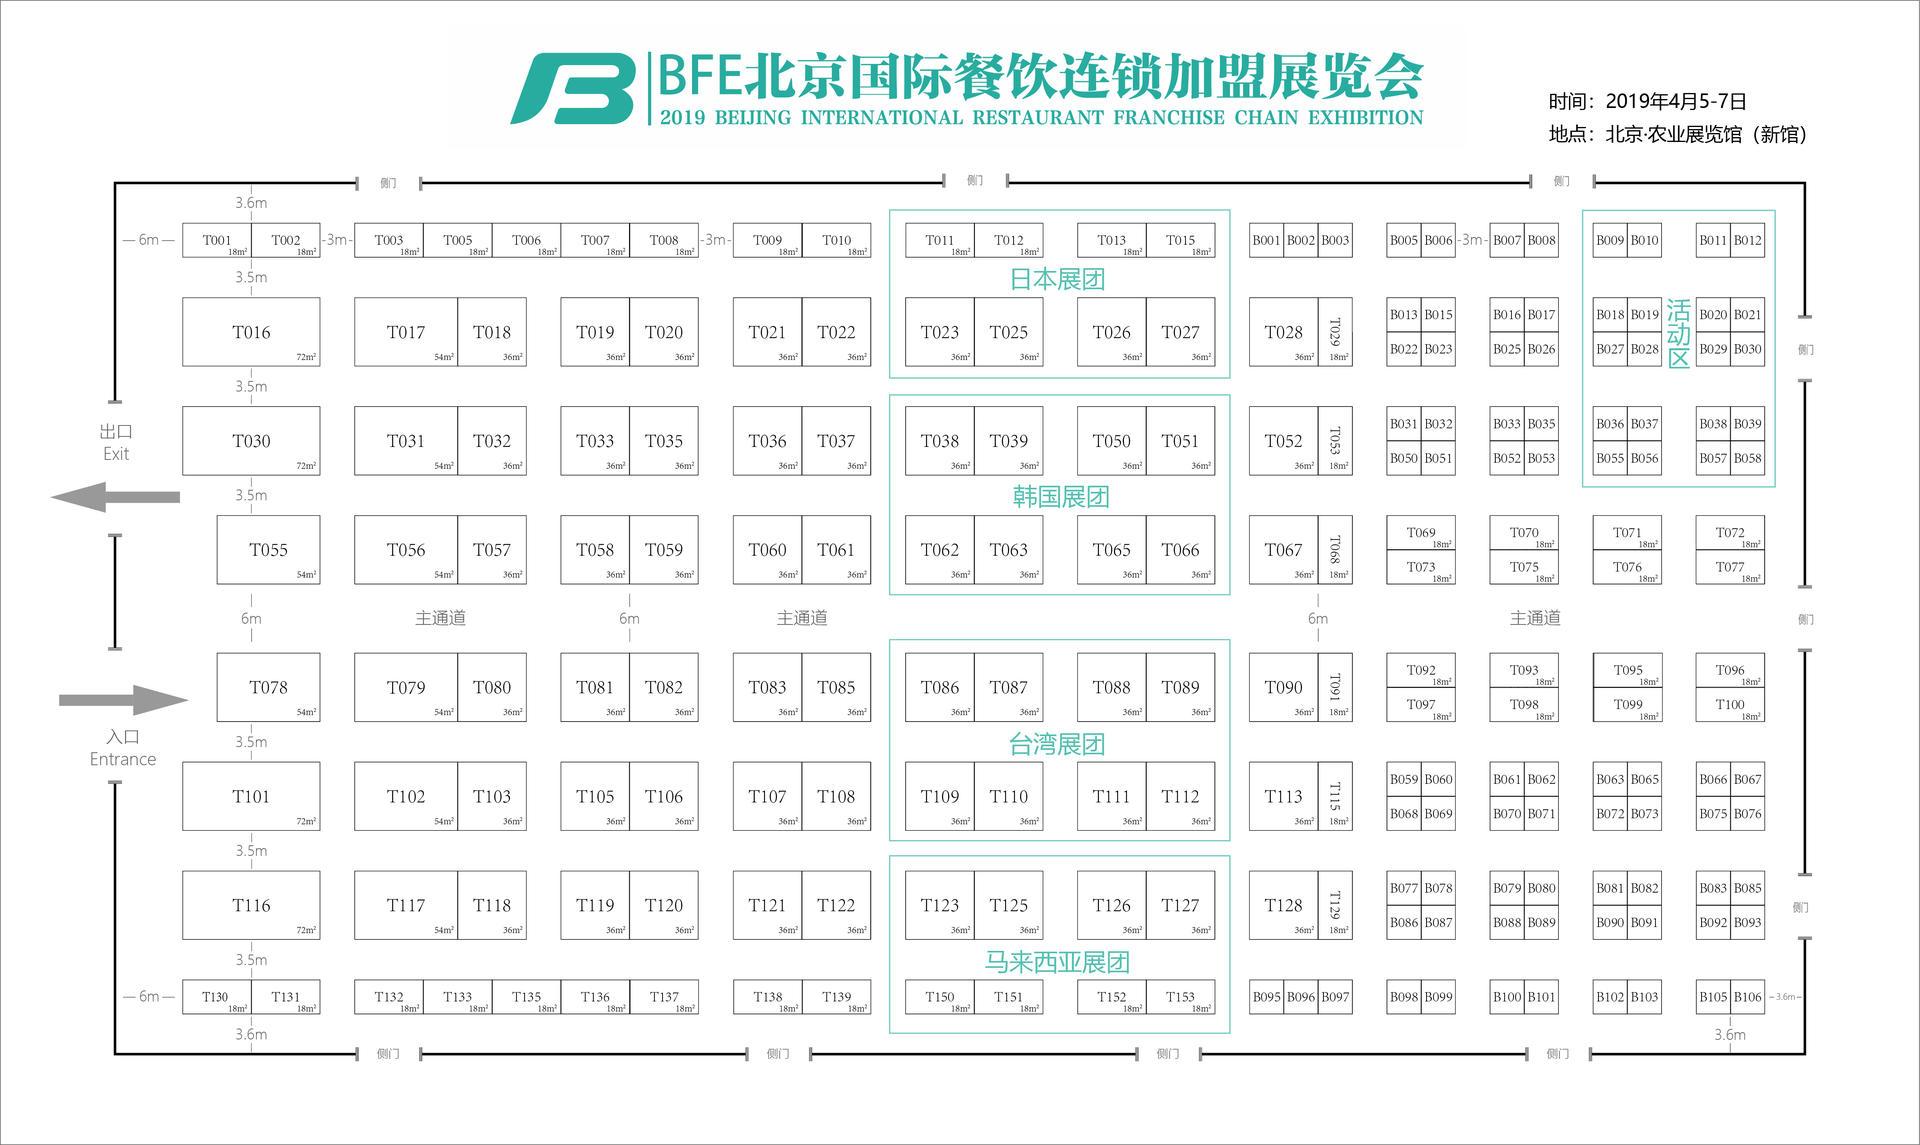 2019北京展-展位图餐饮加盟.jpg